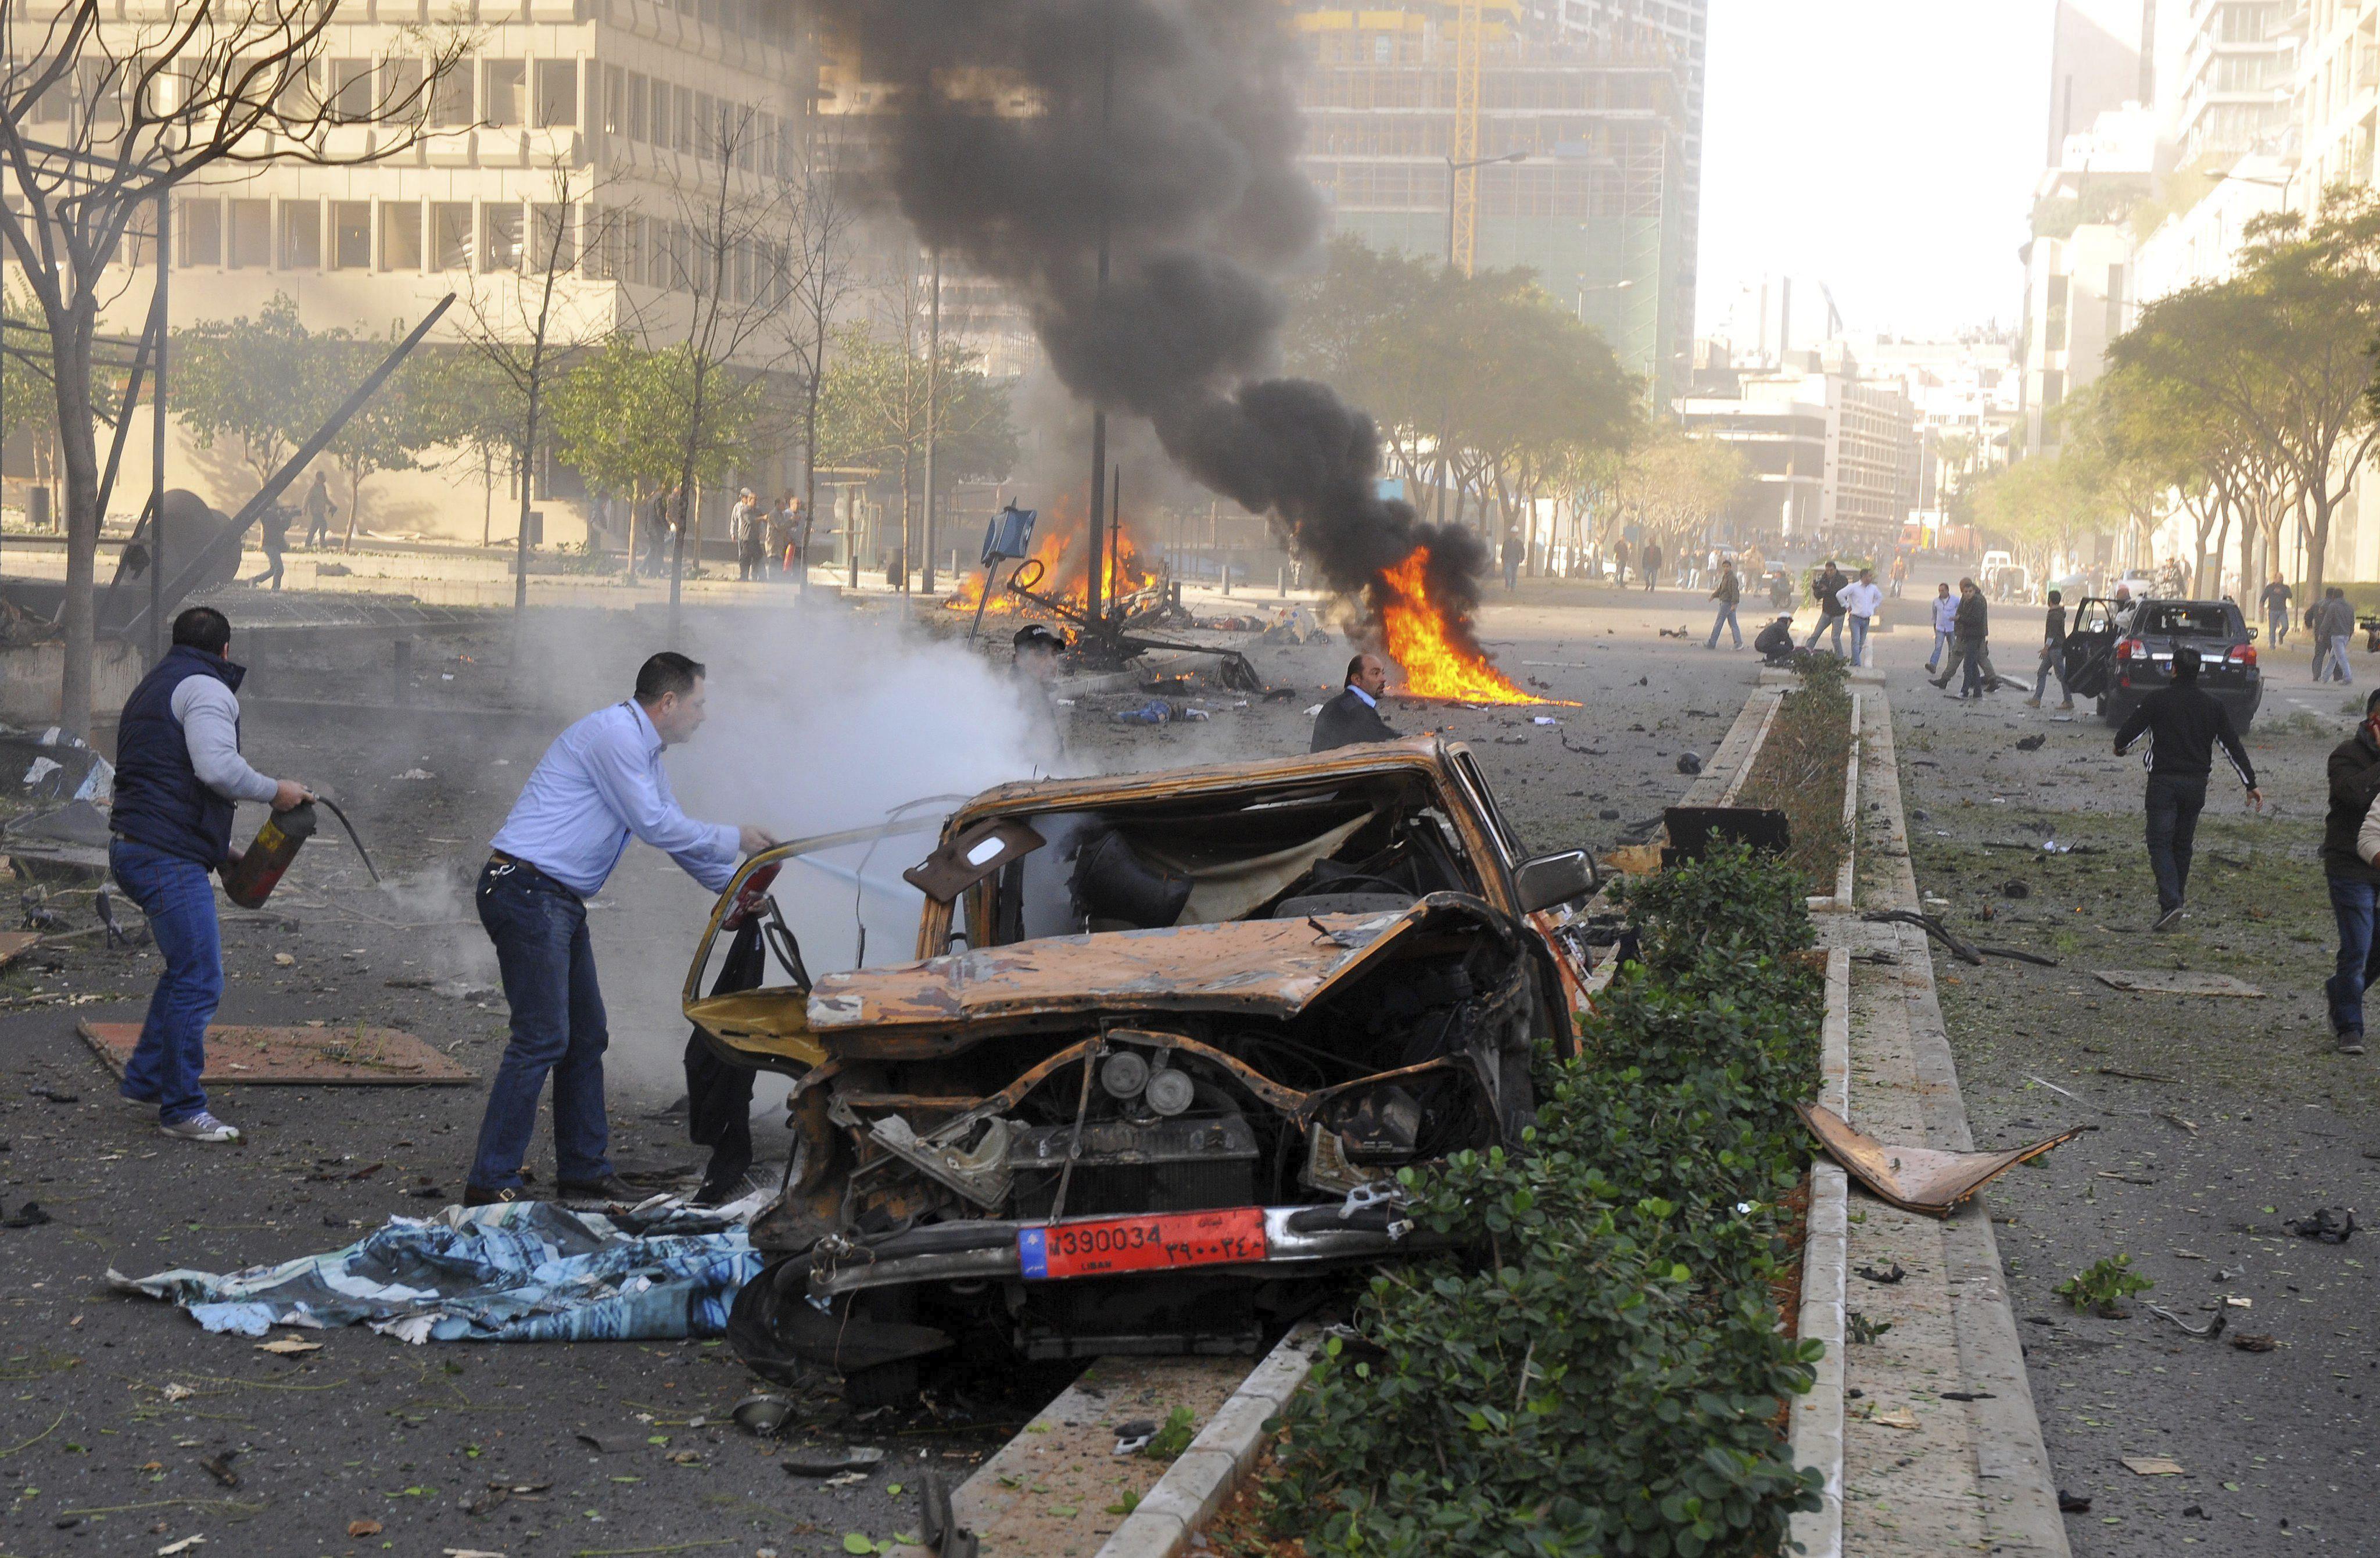 Cinco muertos y más de 50 heridos en un atentado con coche bomba en Beirut